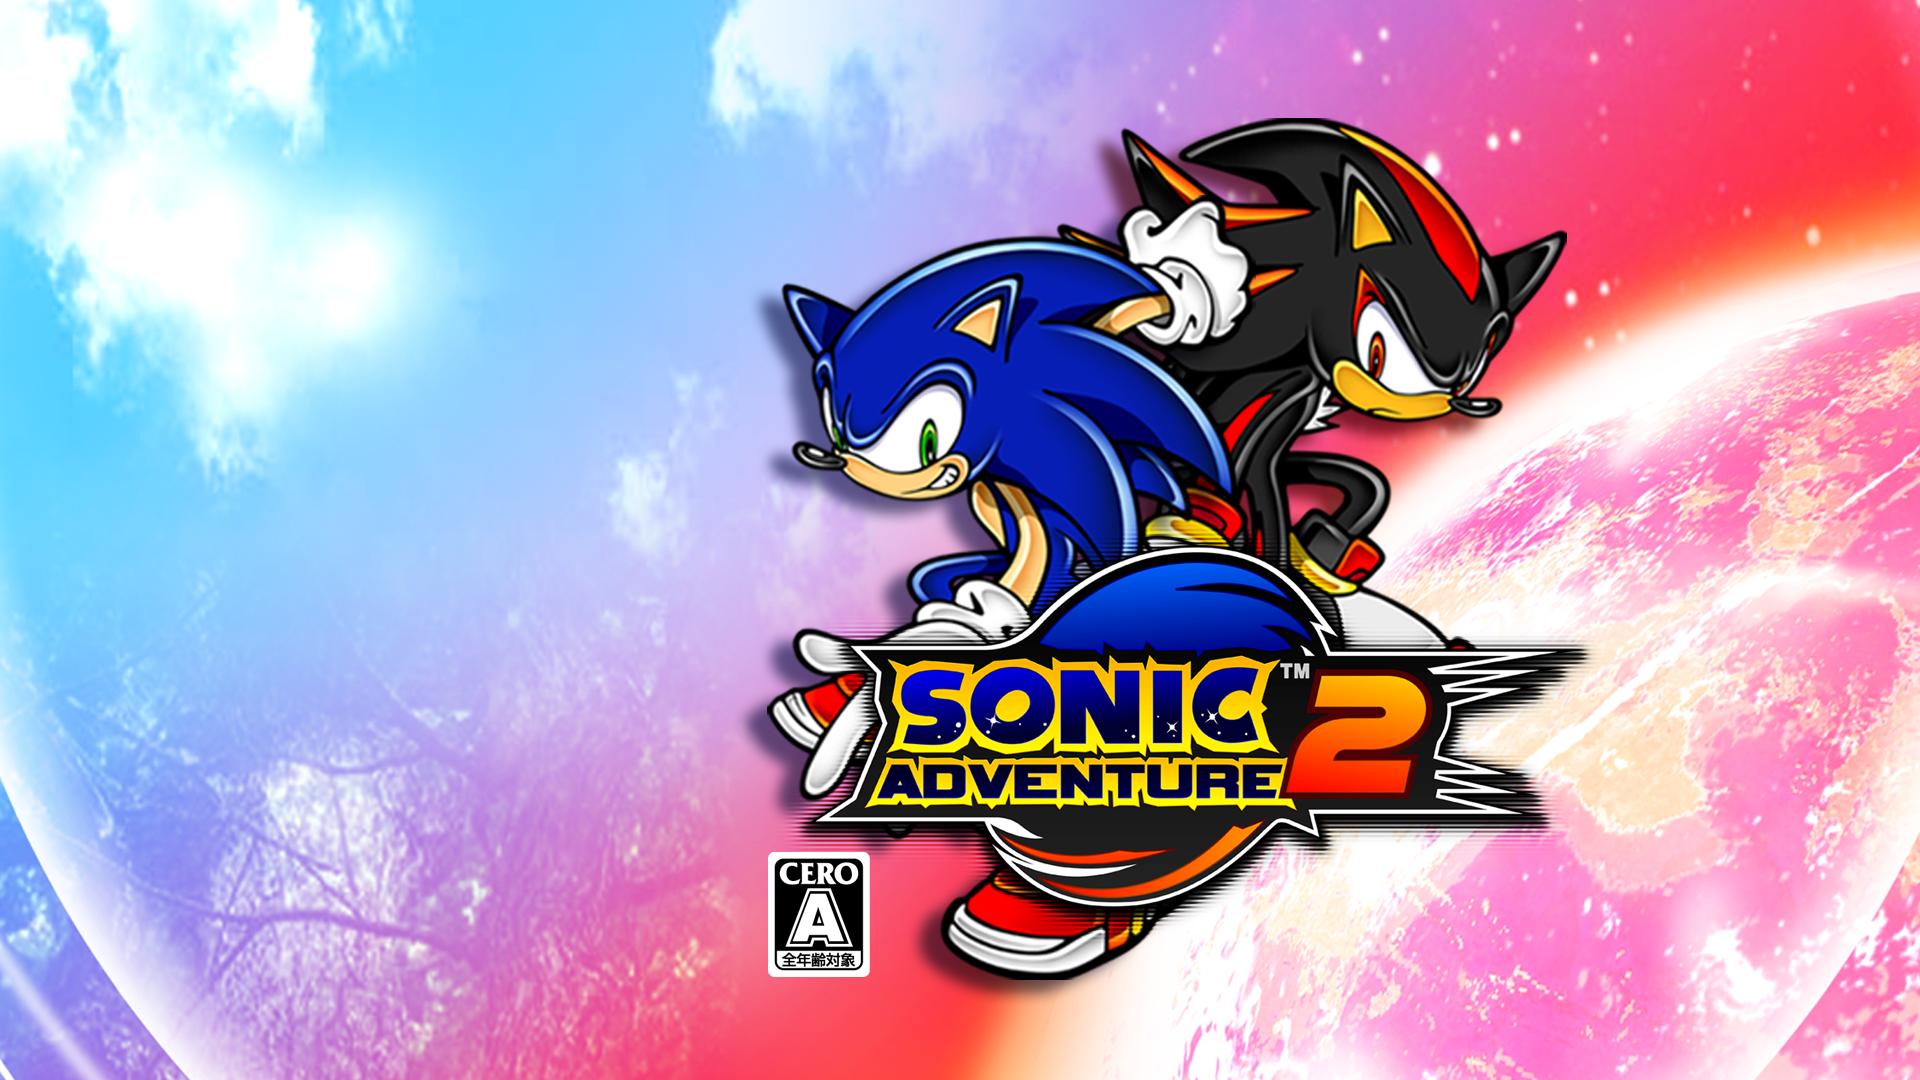 Sonic Adventure 2 Wallpaper Wallpapersafari